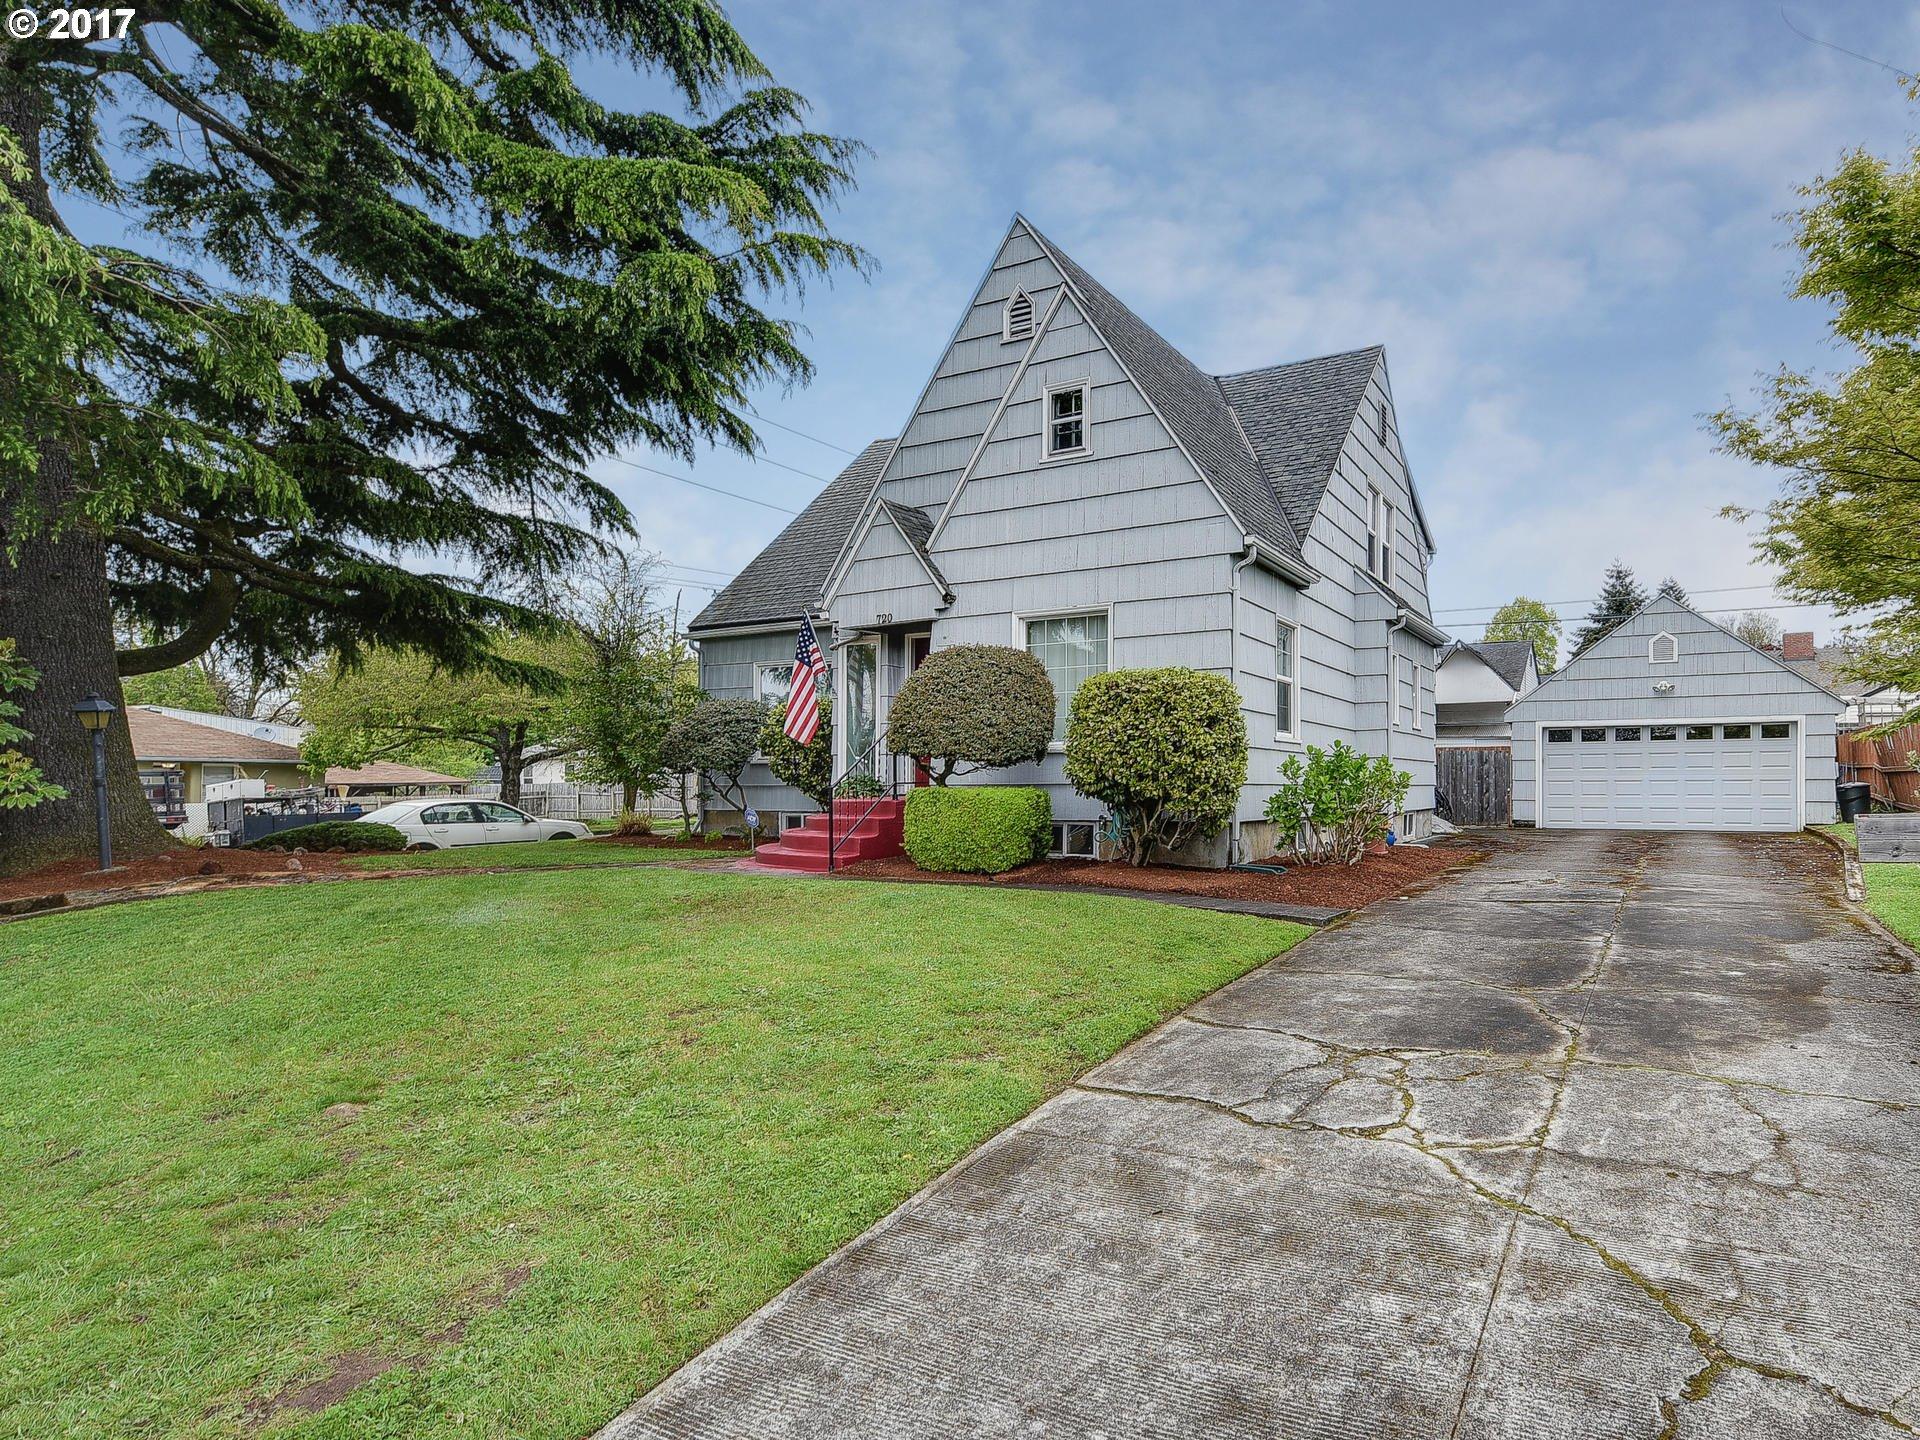 720 W 36TH ST, Vancouver, WA 98660